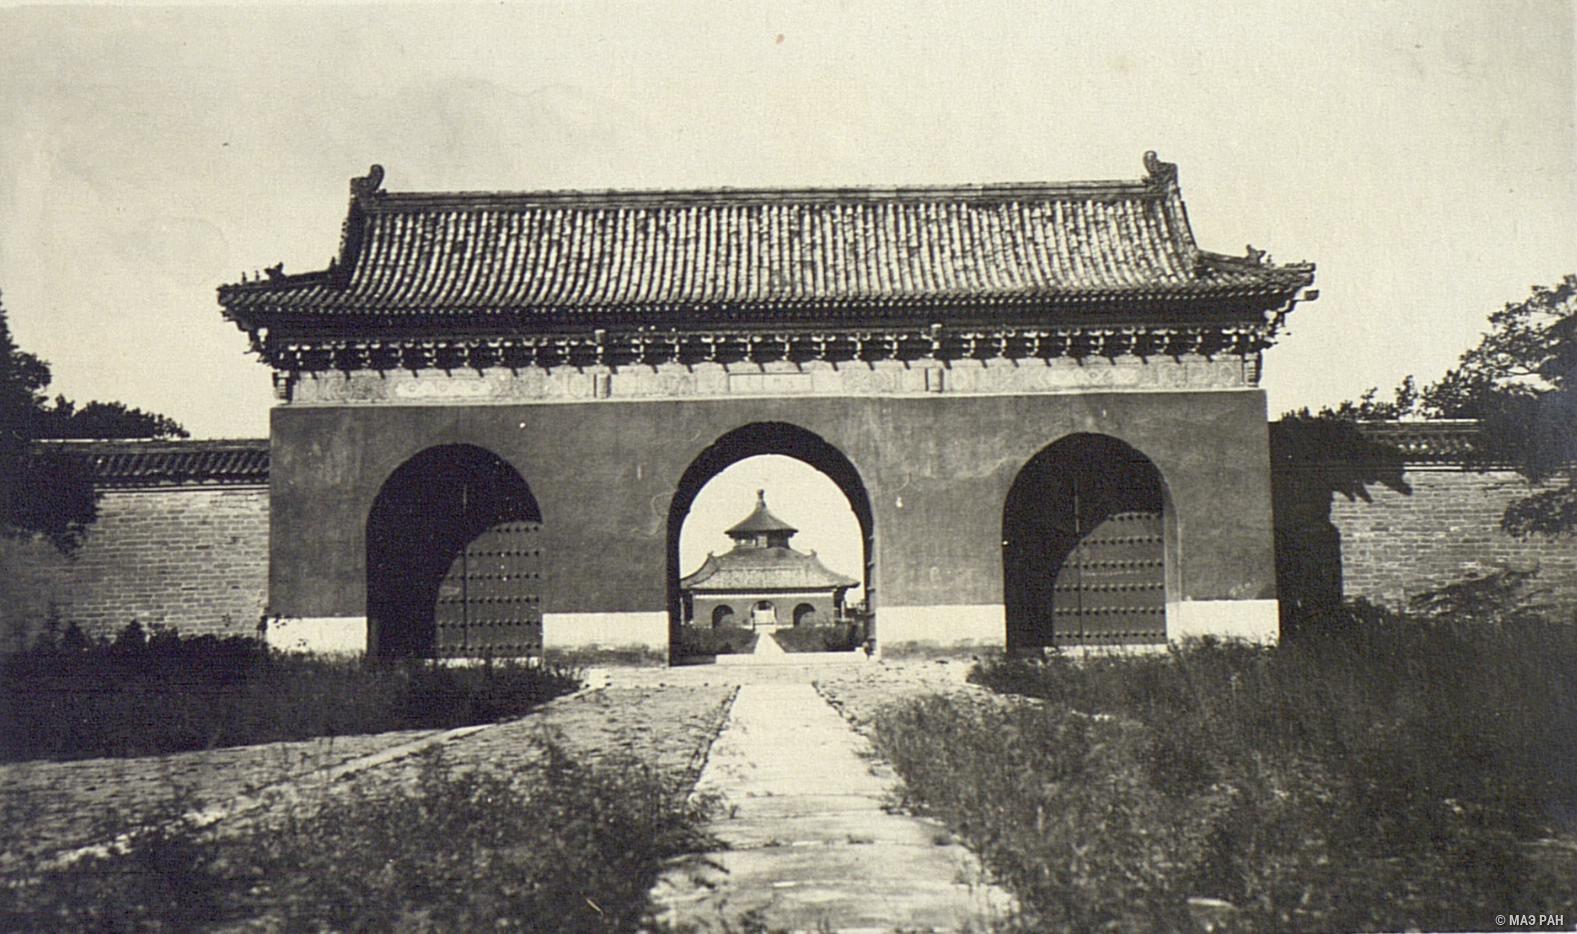 Храм Неба. Дорога от алтаря к храму